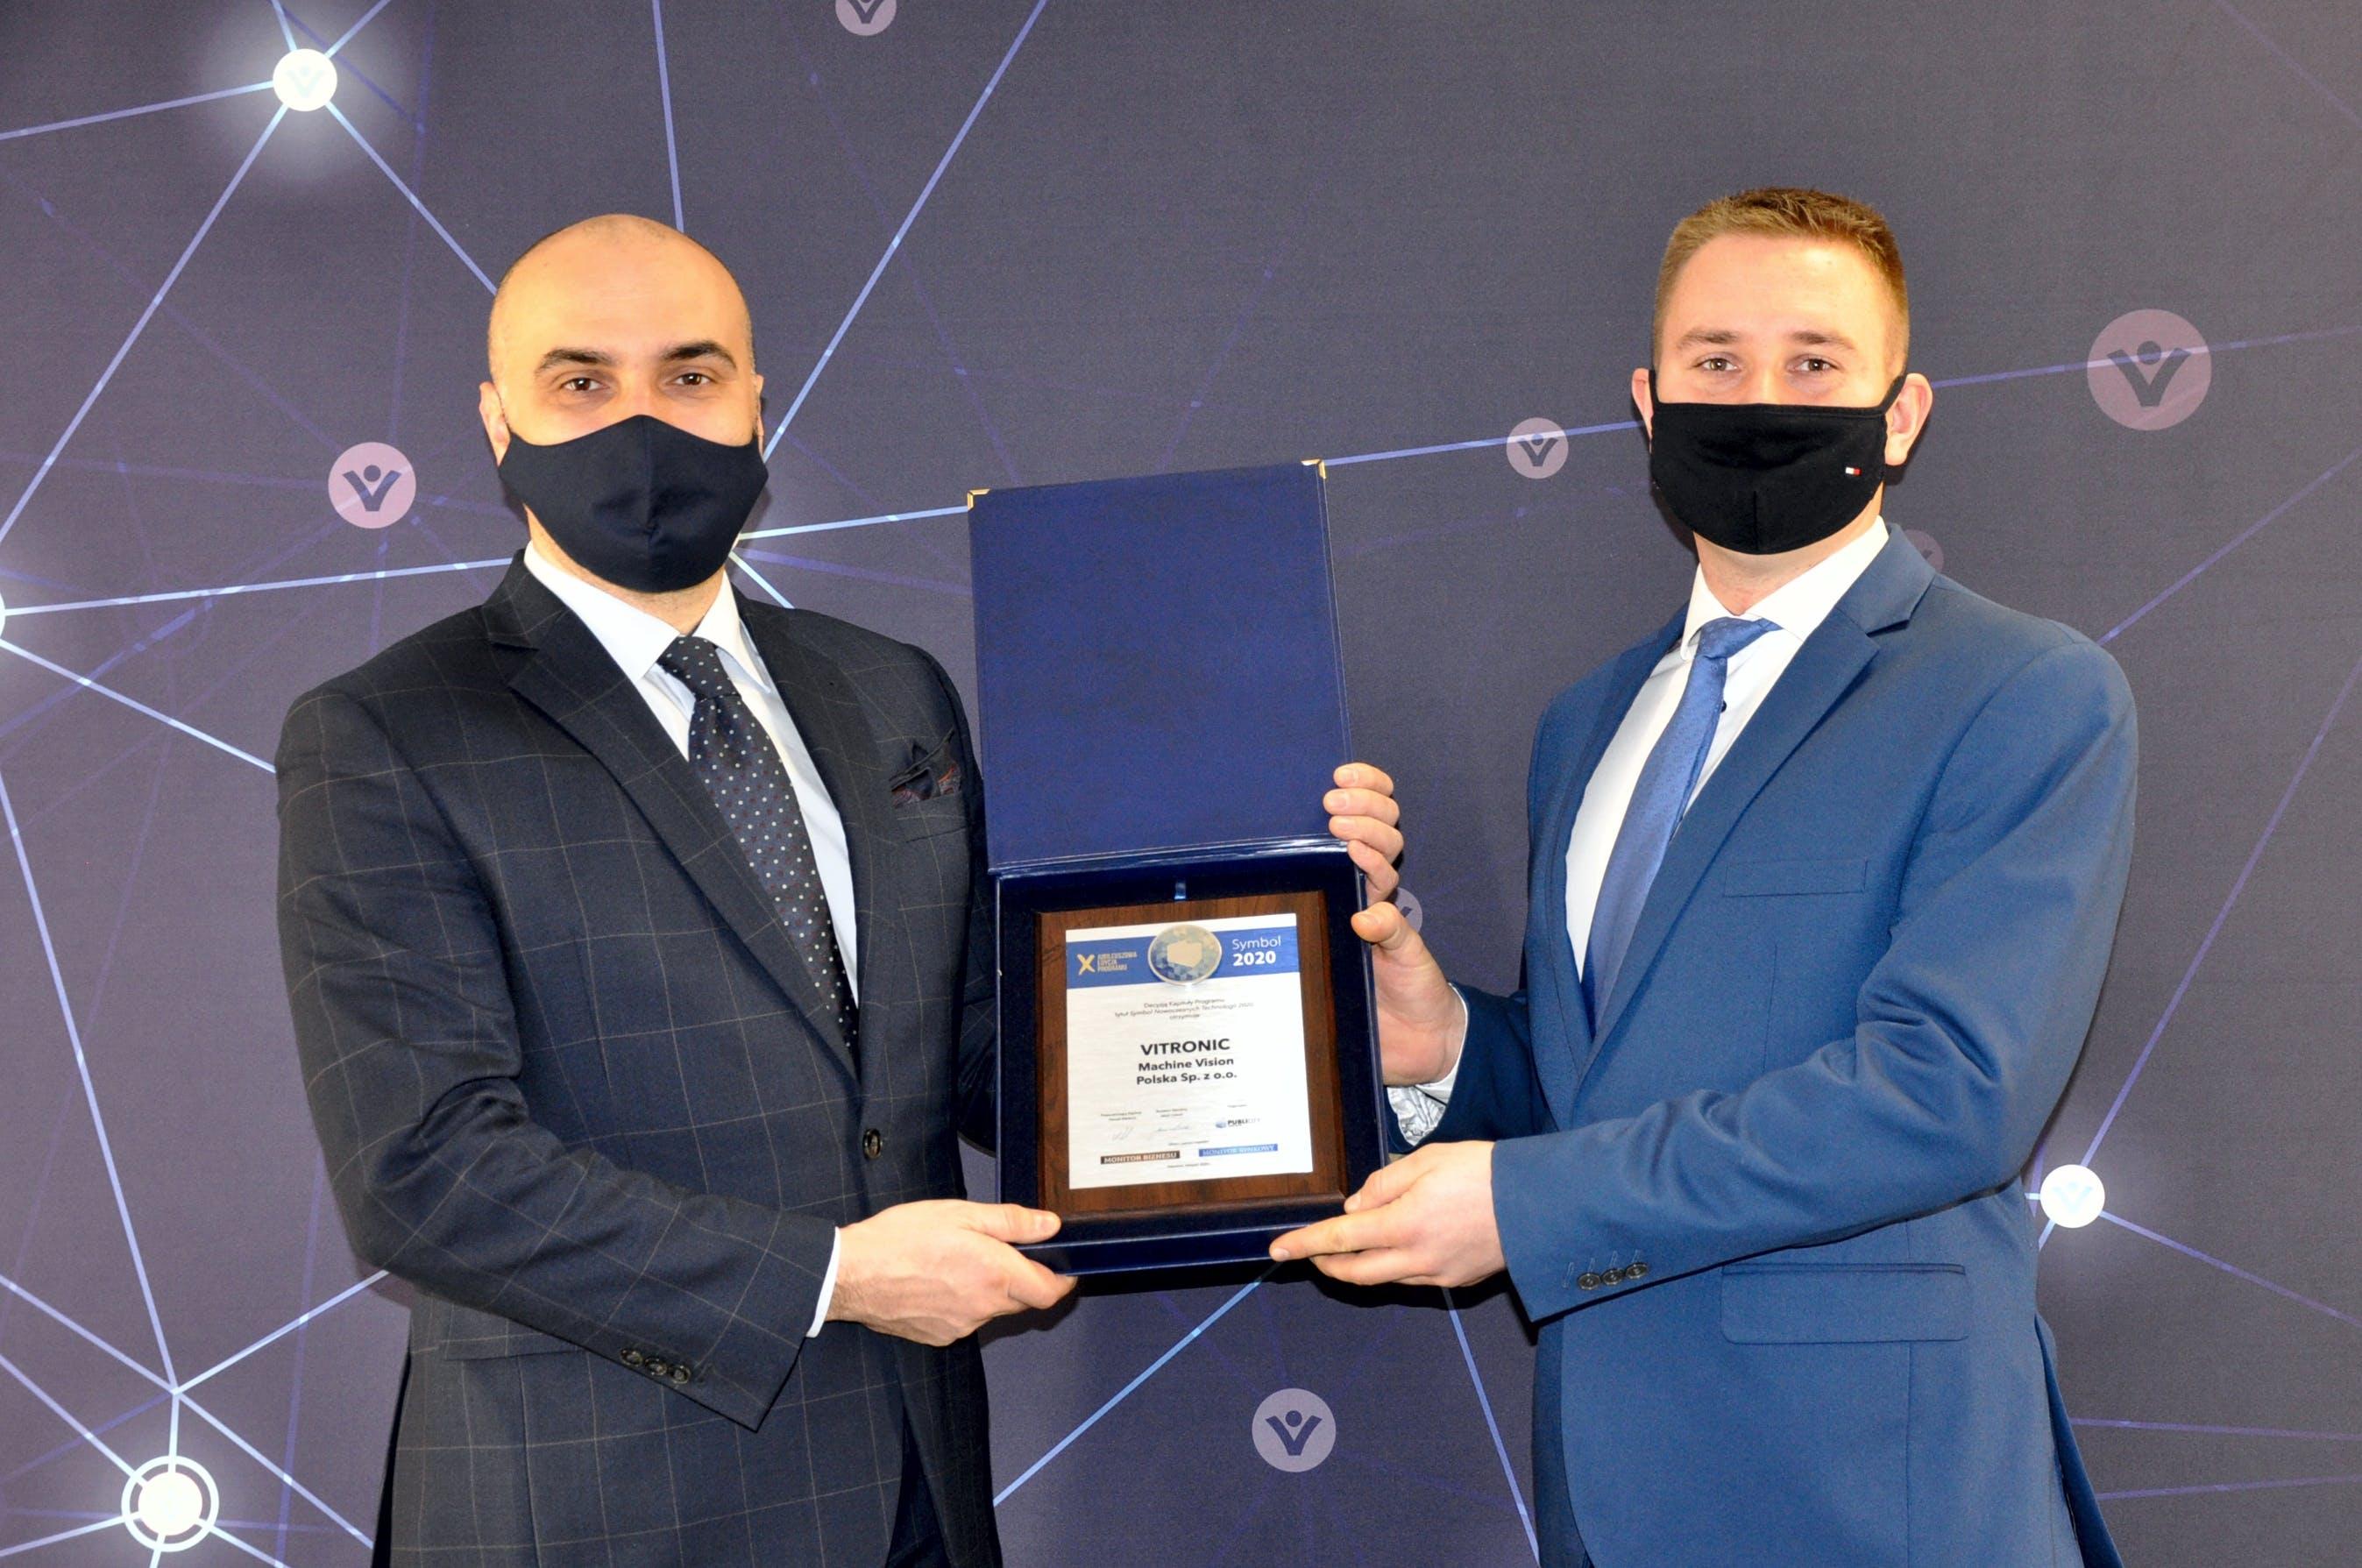 VITRONIC Machine Vision Polska recognized for excellence earning prestigious Symbol award